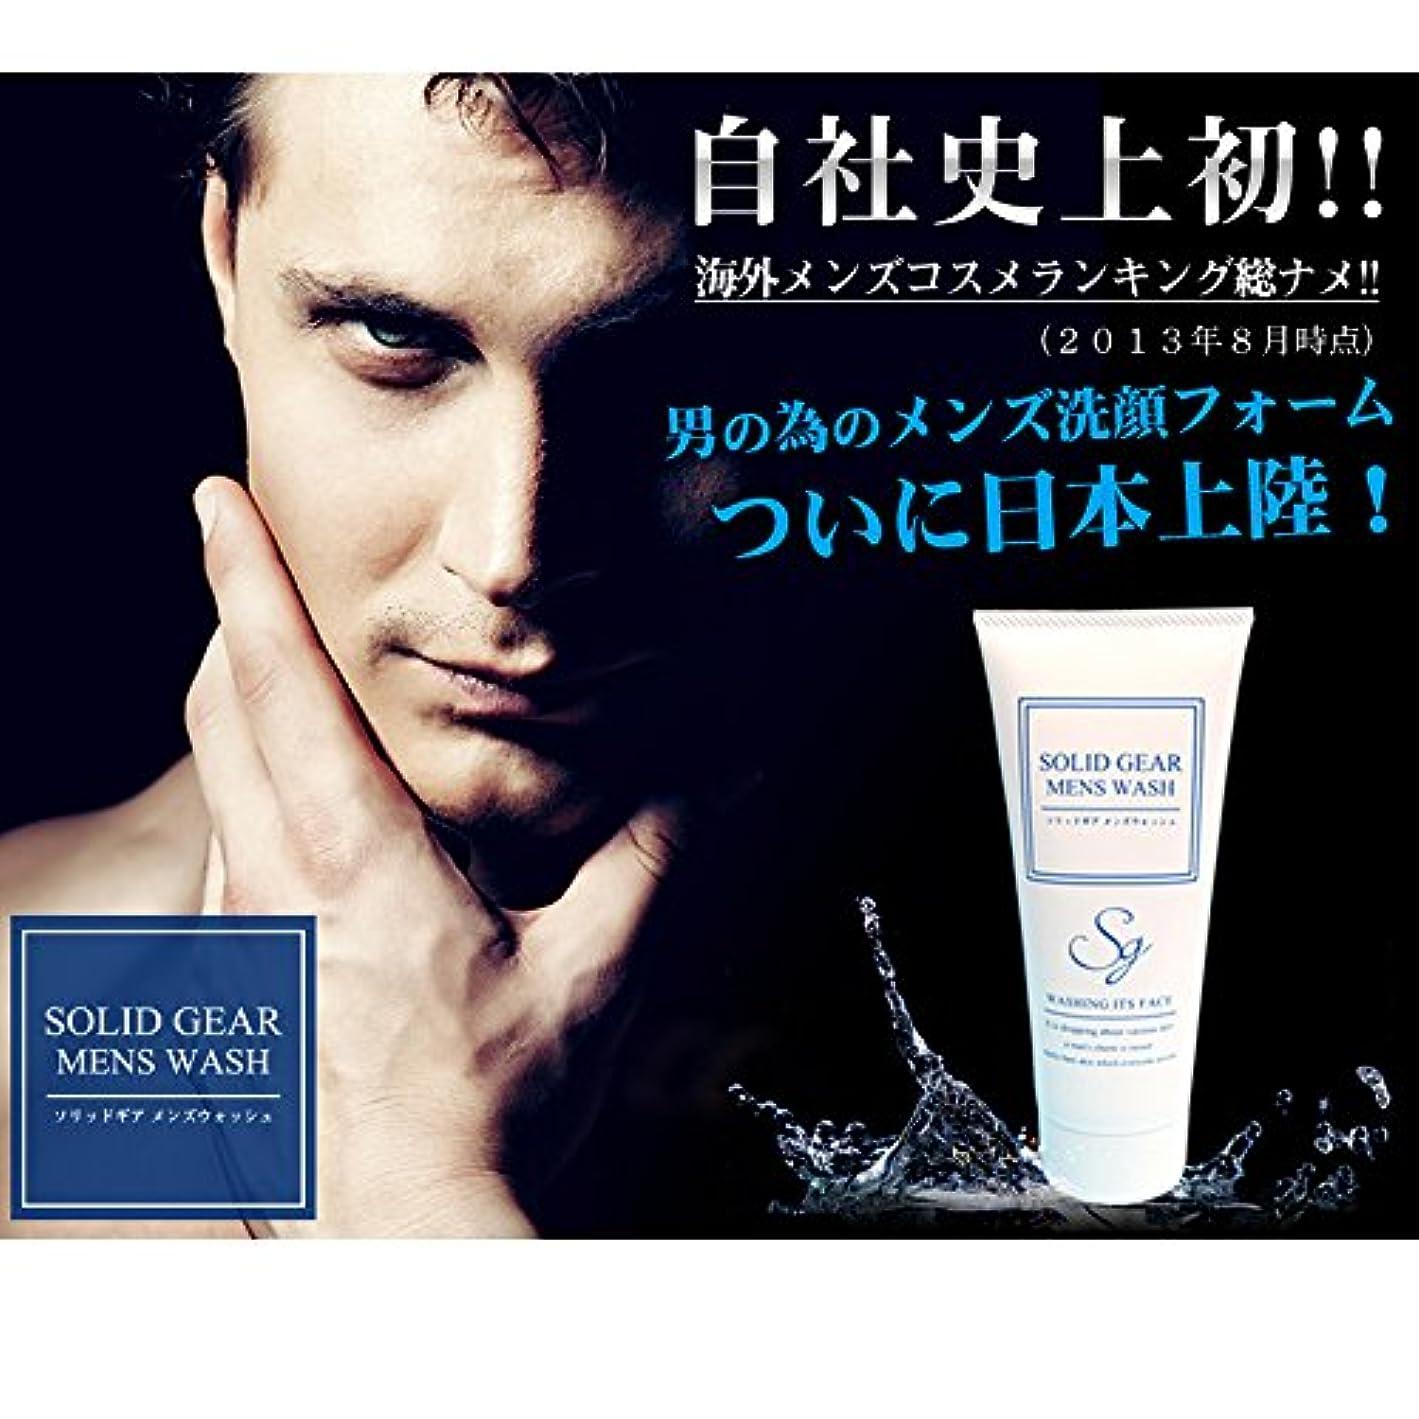 宇宙私たちのもの雇った男性用洗顔フォーム ソリッドギア メンズウォッシュ